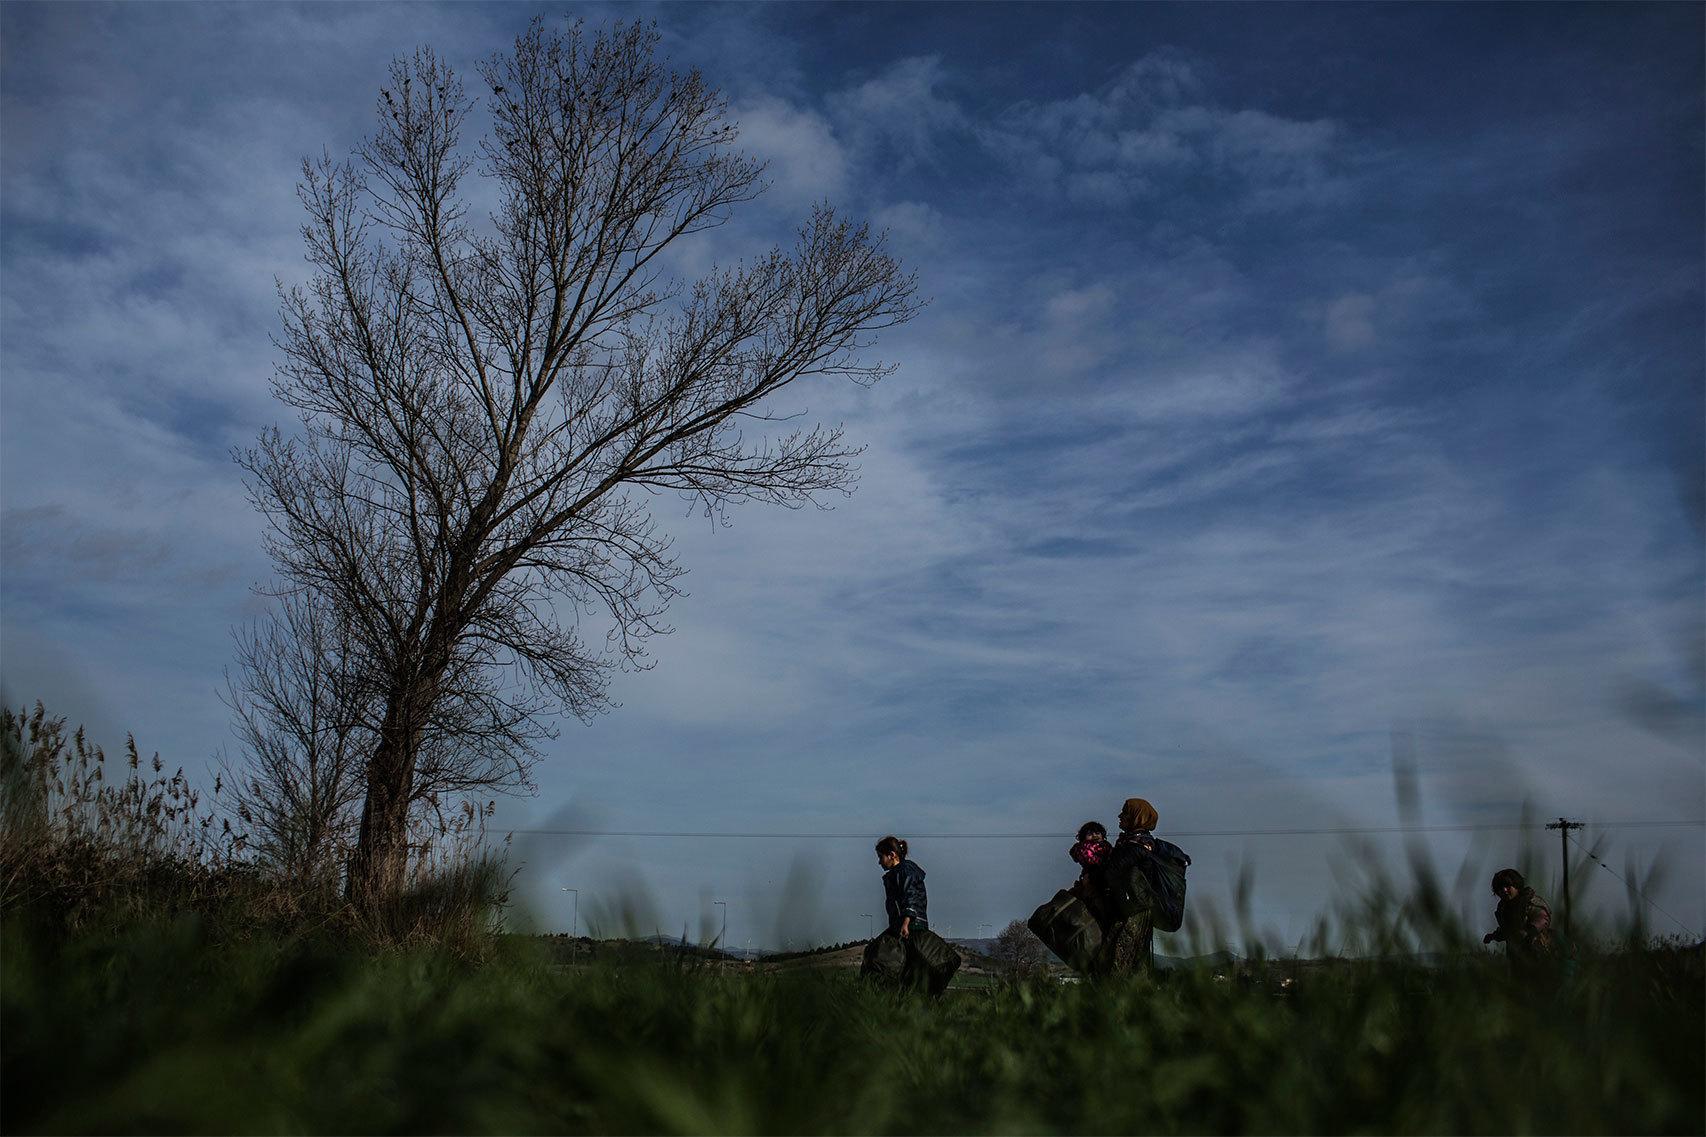 Una mujer con su bebé a cuestas en medio del campo.